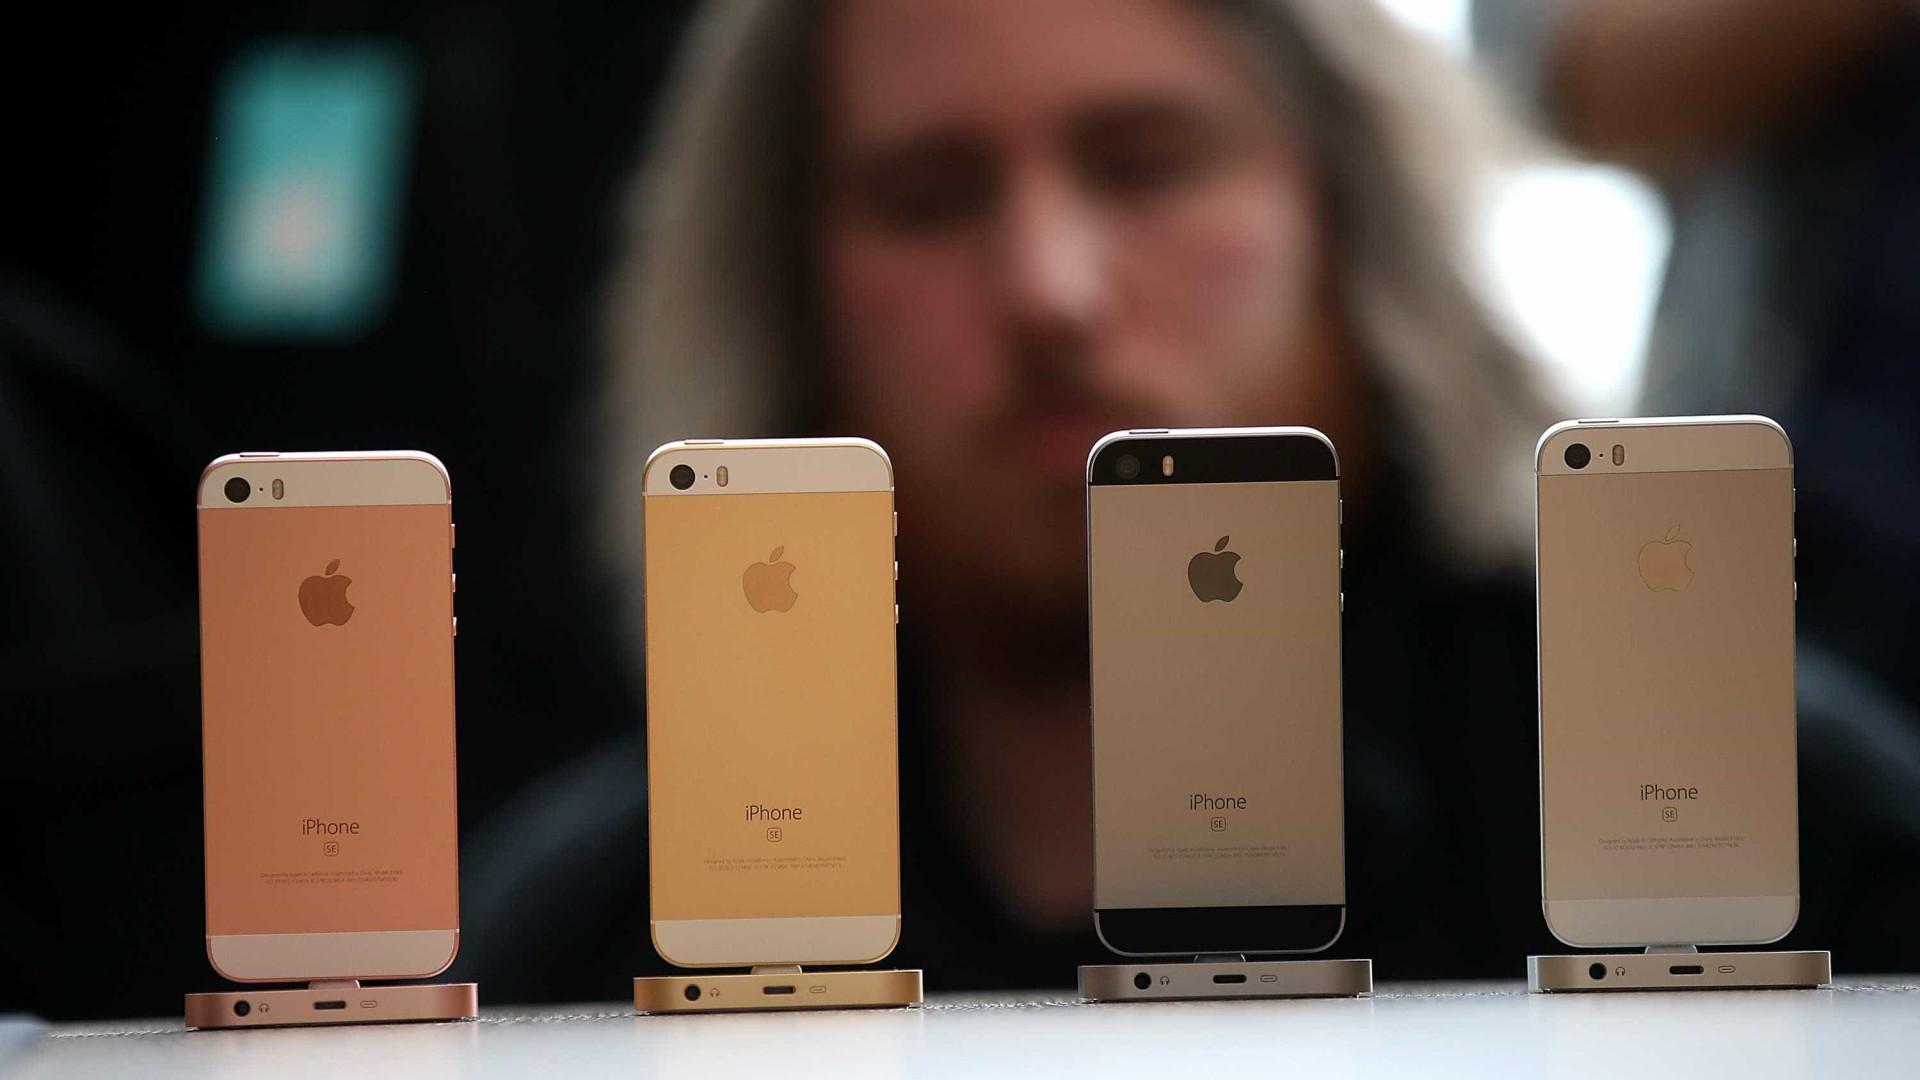 Não gosta do iPhone 8? Há outro modelo que pode ser indicado para si